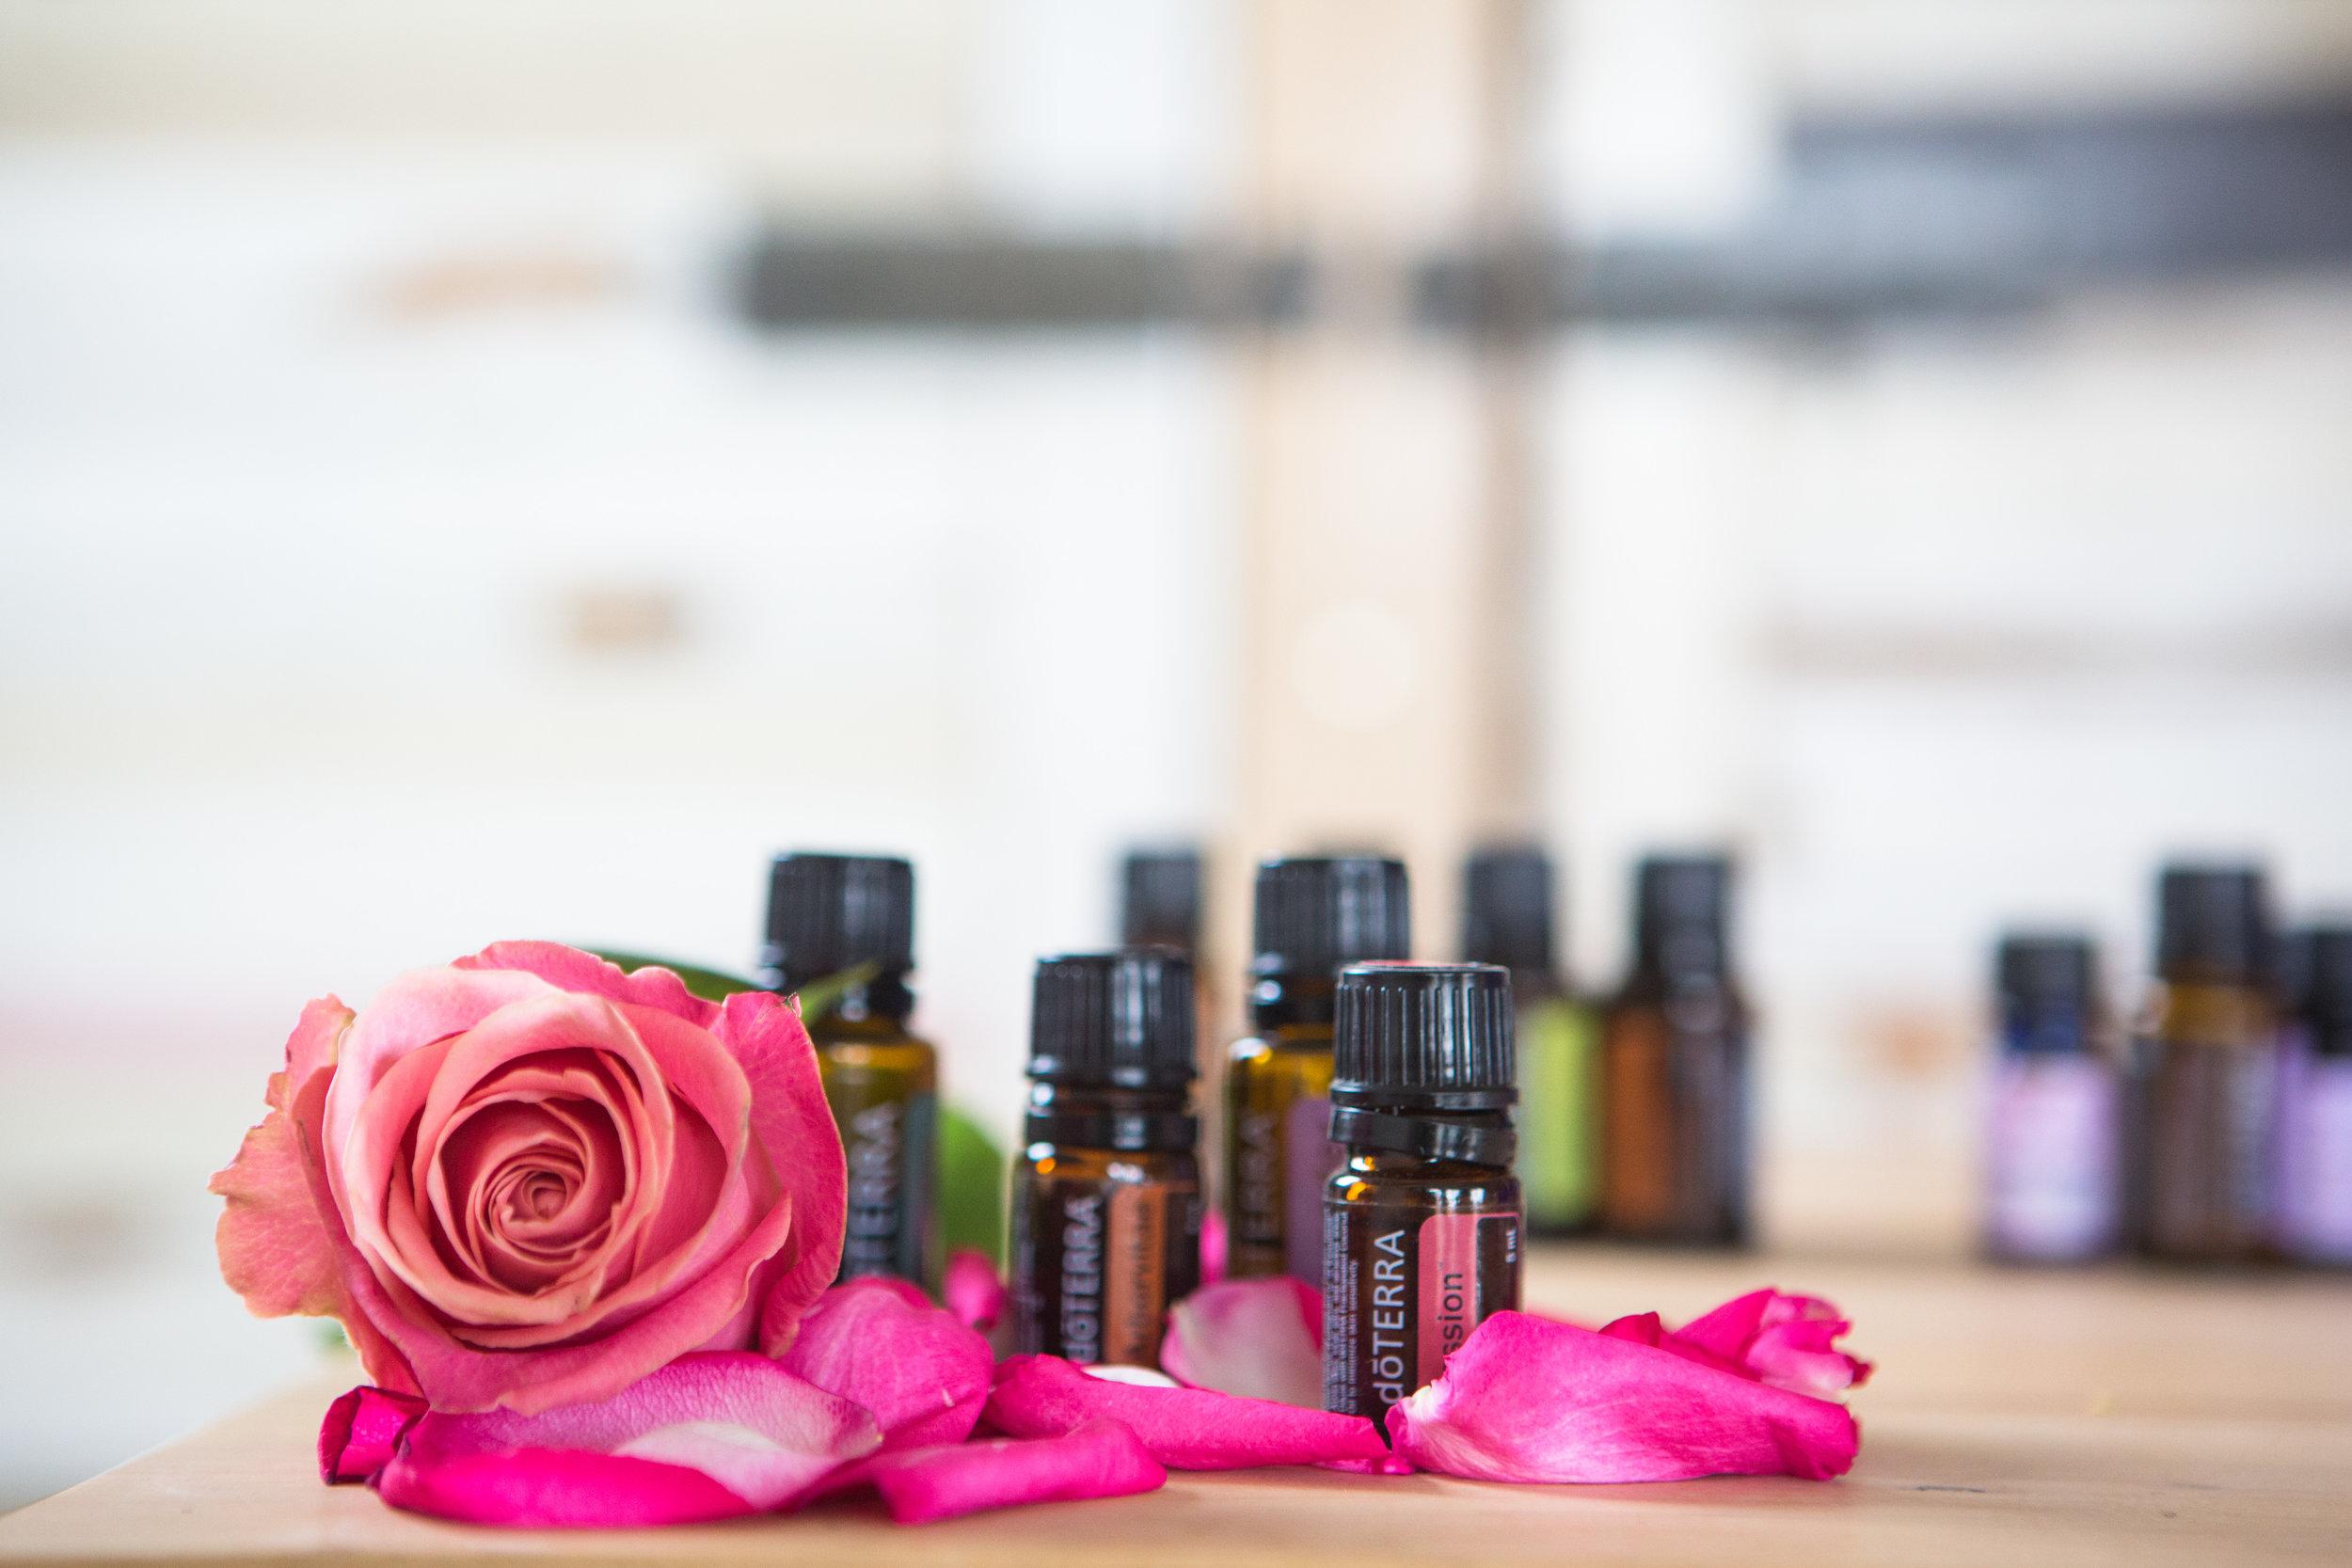 De basis van de Sacred Breast oil zijn 5 soorten rozenolie van Avaroma. De Sandelwood, Frankincense, Geranium, Lavendel, Copaiba, Arbo Vitea e.a. zijn essentiële oliën van dõTERRA